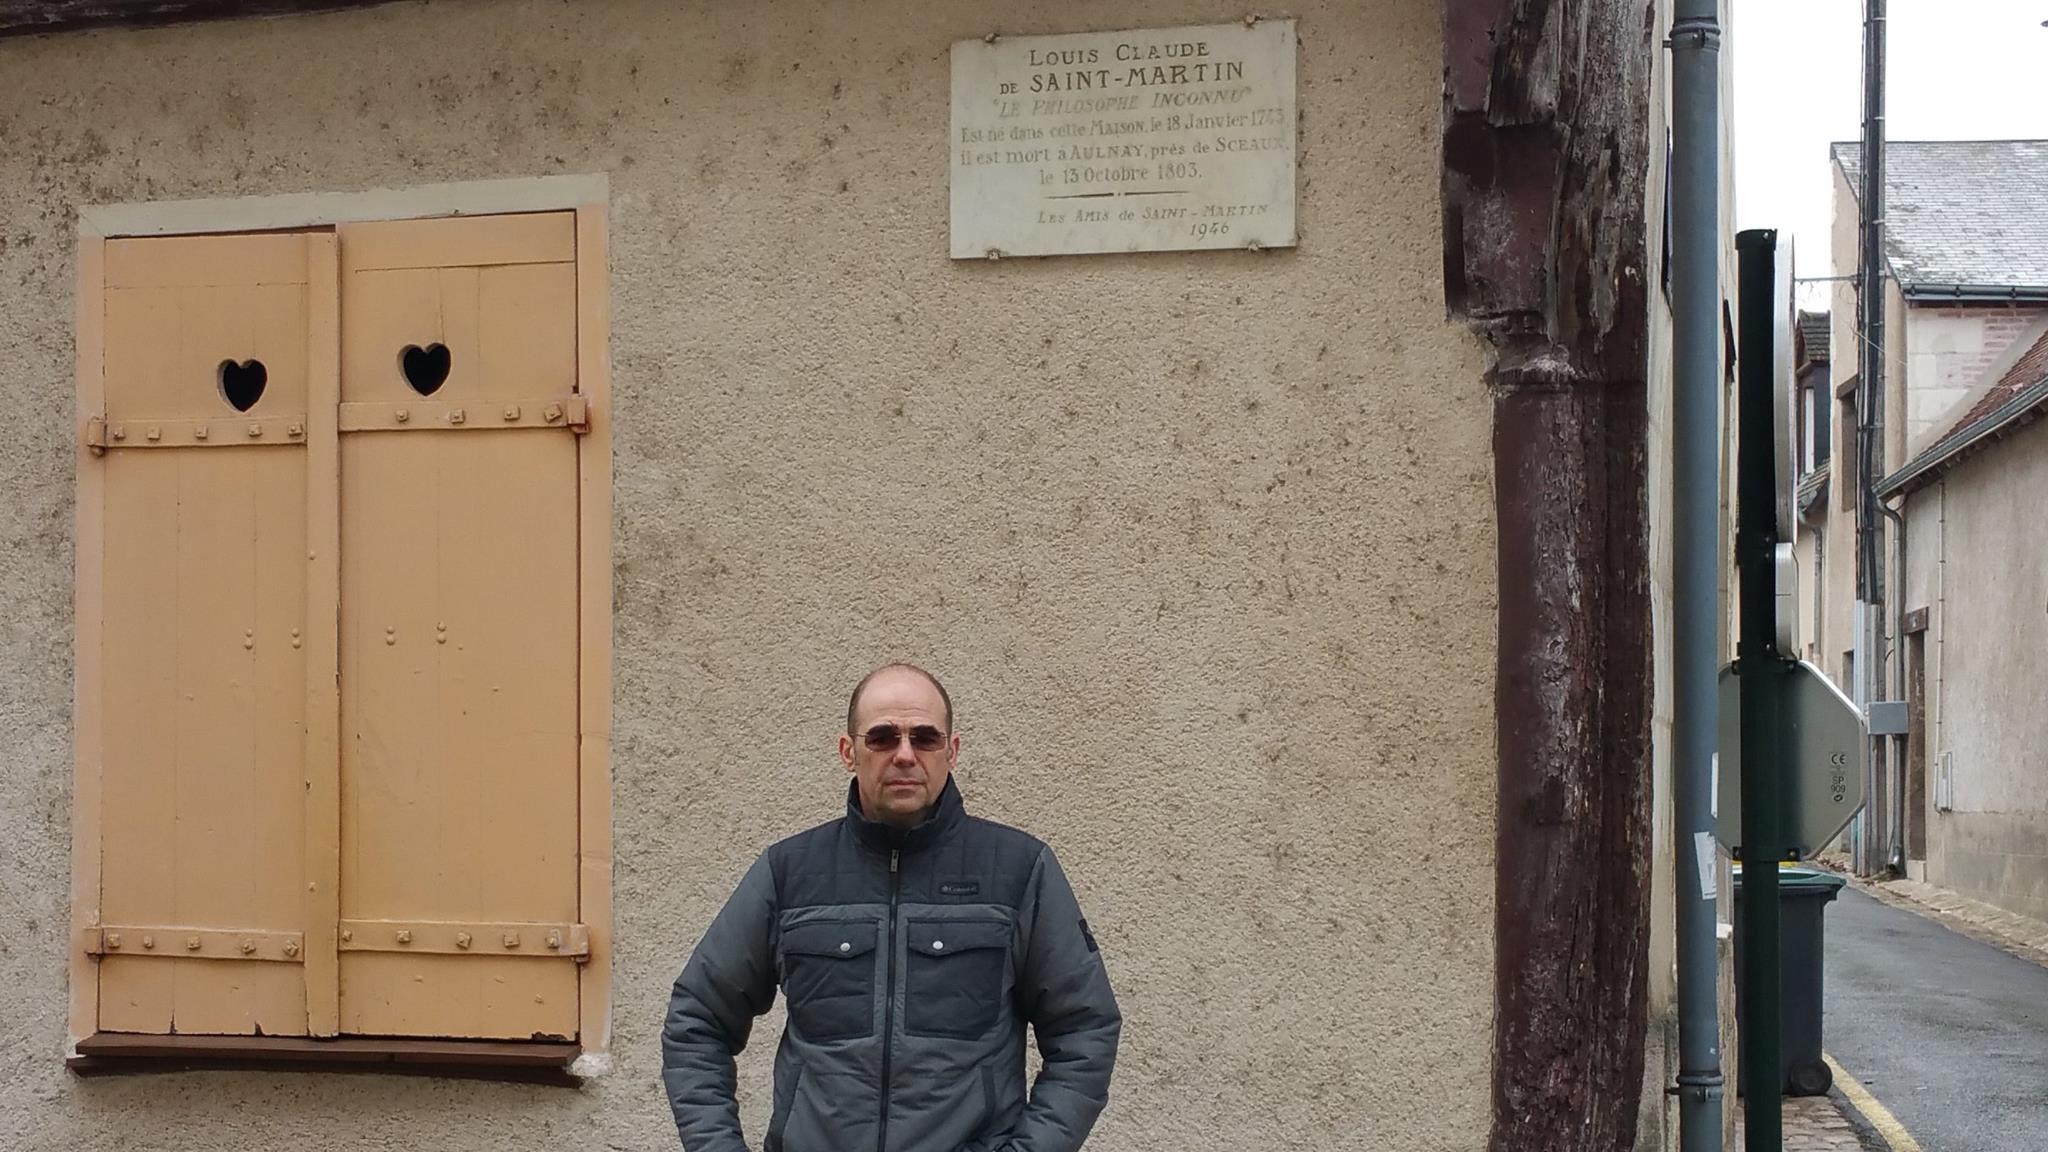 Jean-Louis de Biasi